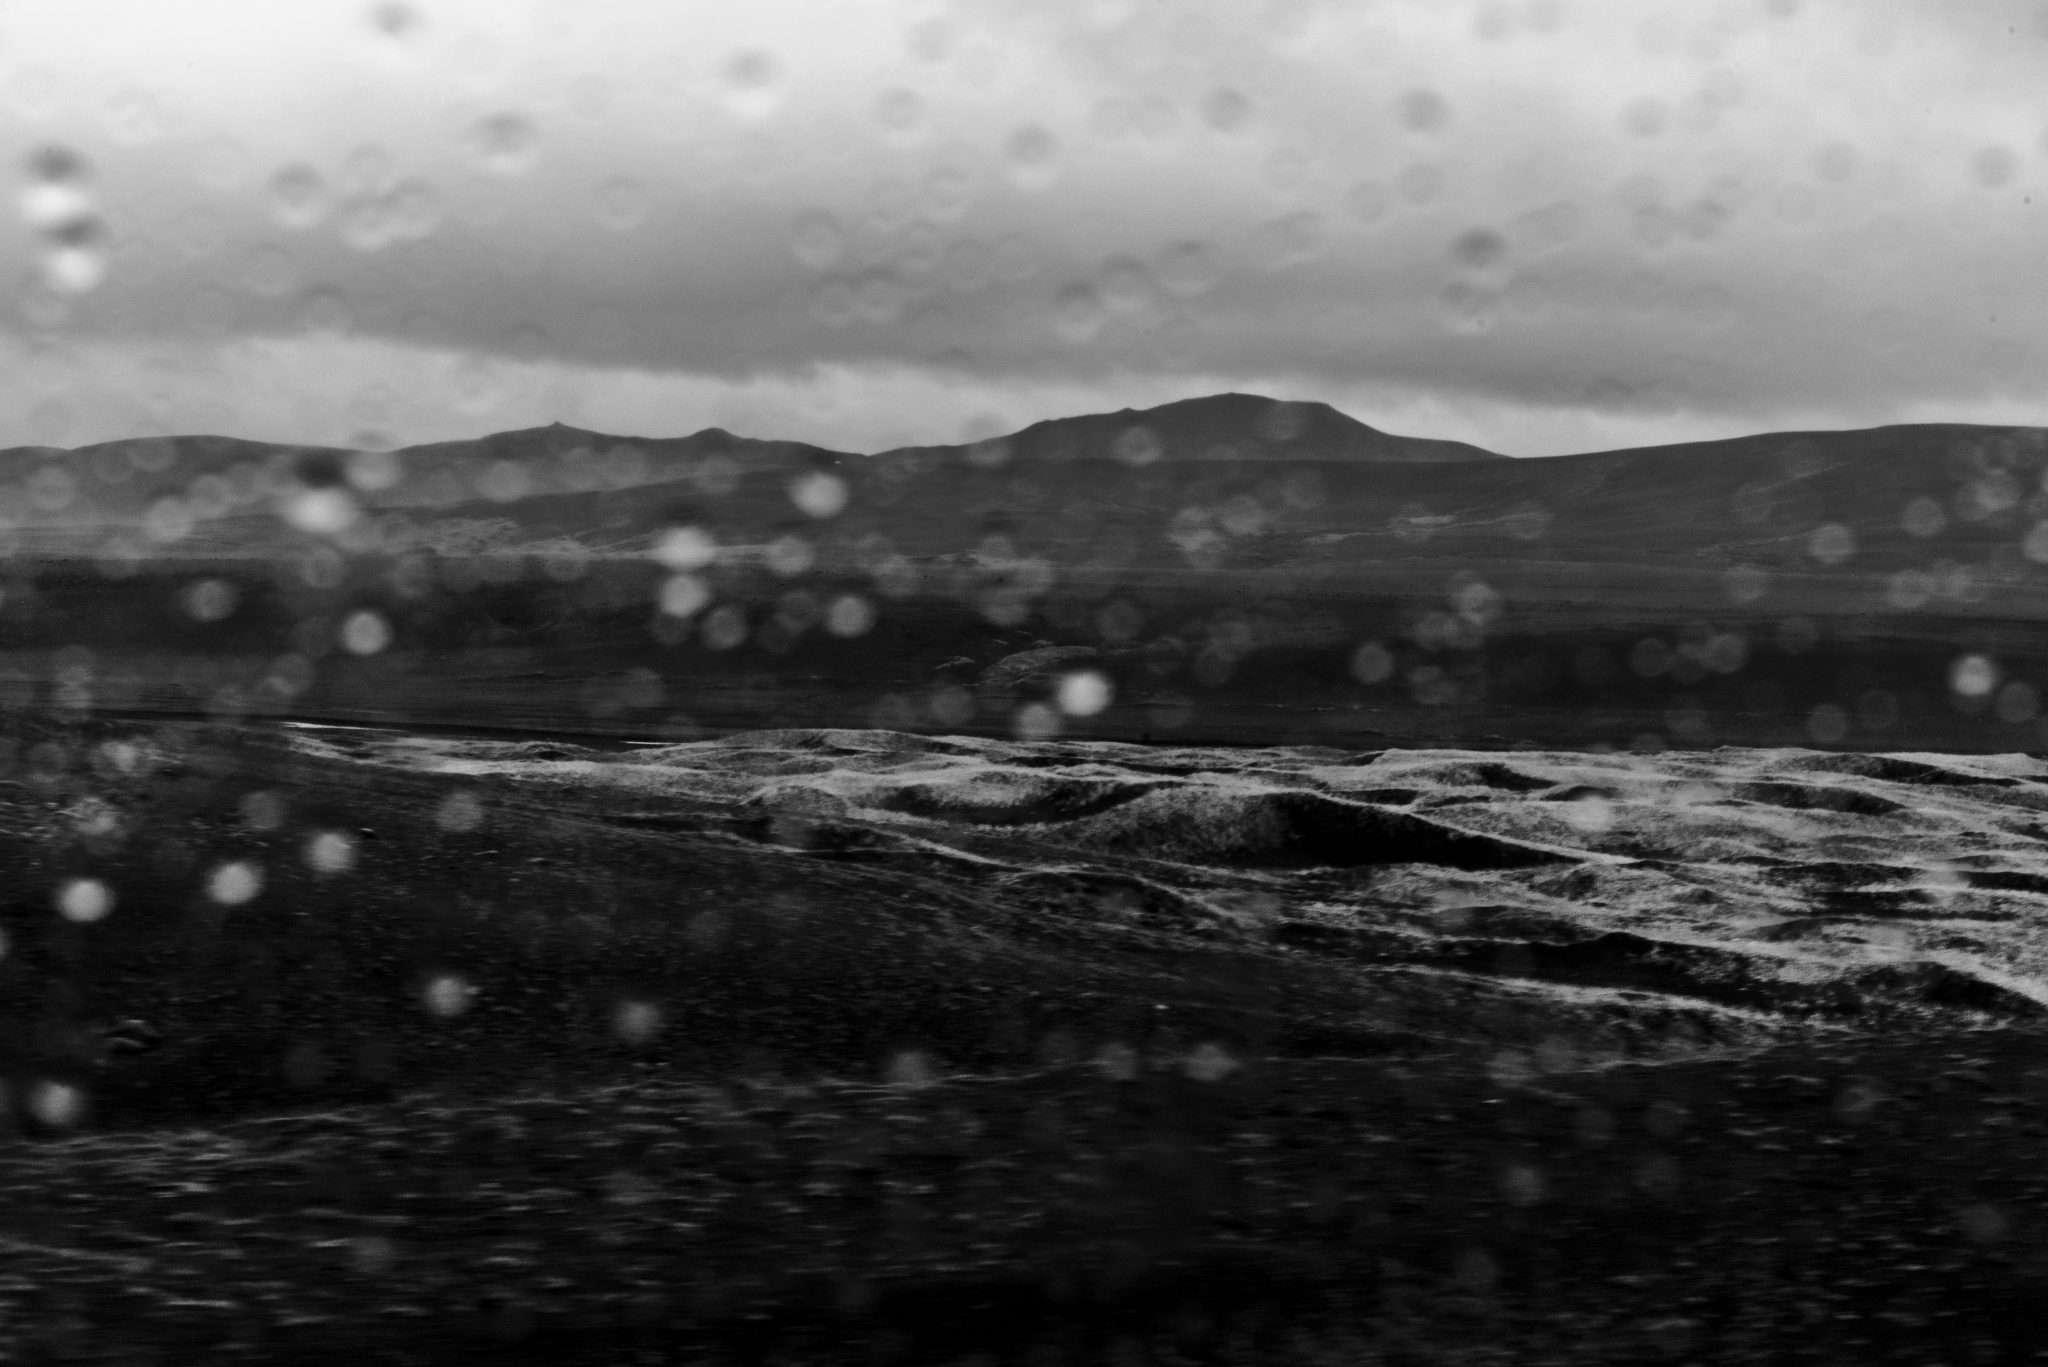 Fotografia landscape in islanda con pioggia in biancoenero realizzata da Barbara Trincone, fotografa professionista paesaggista e di reportage con studio privato a Pozzuoli Napoli